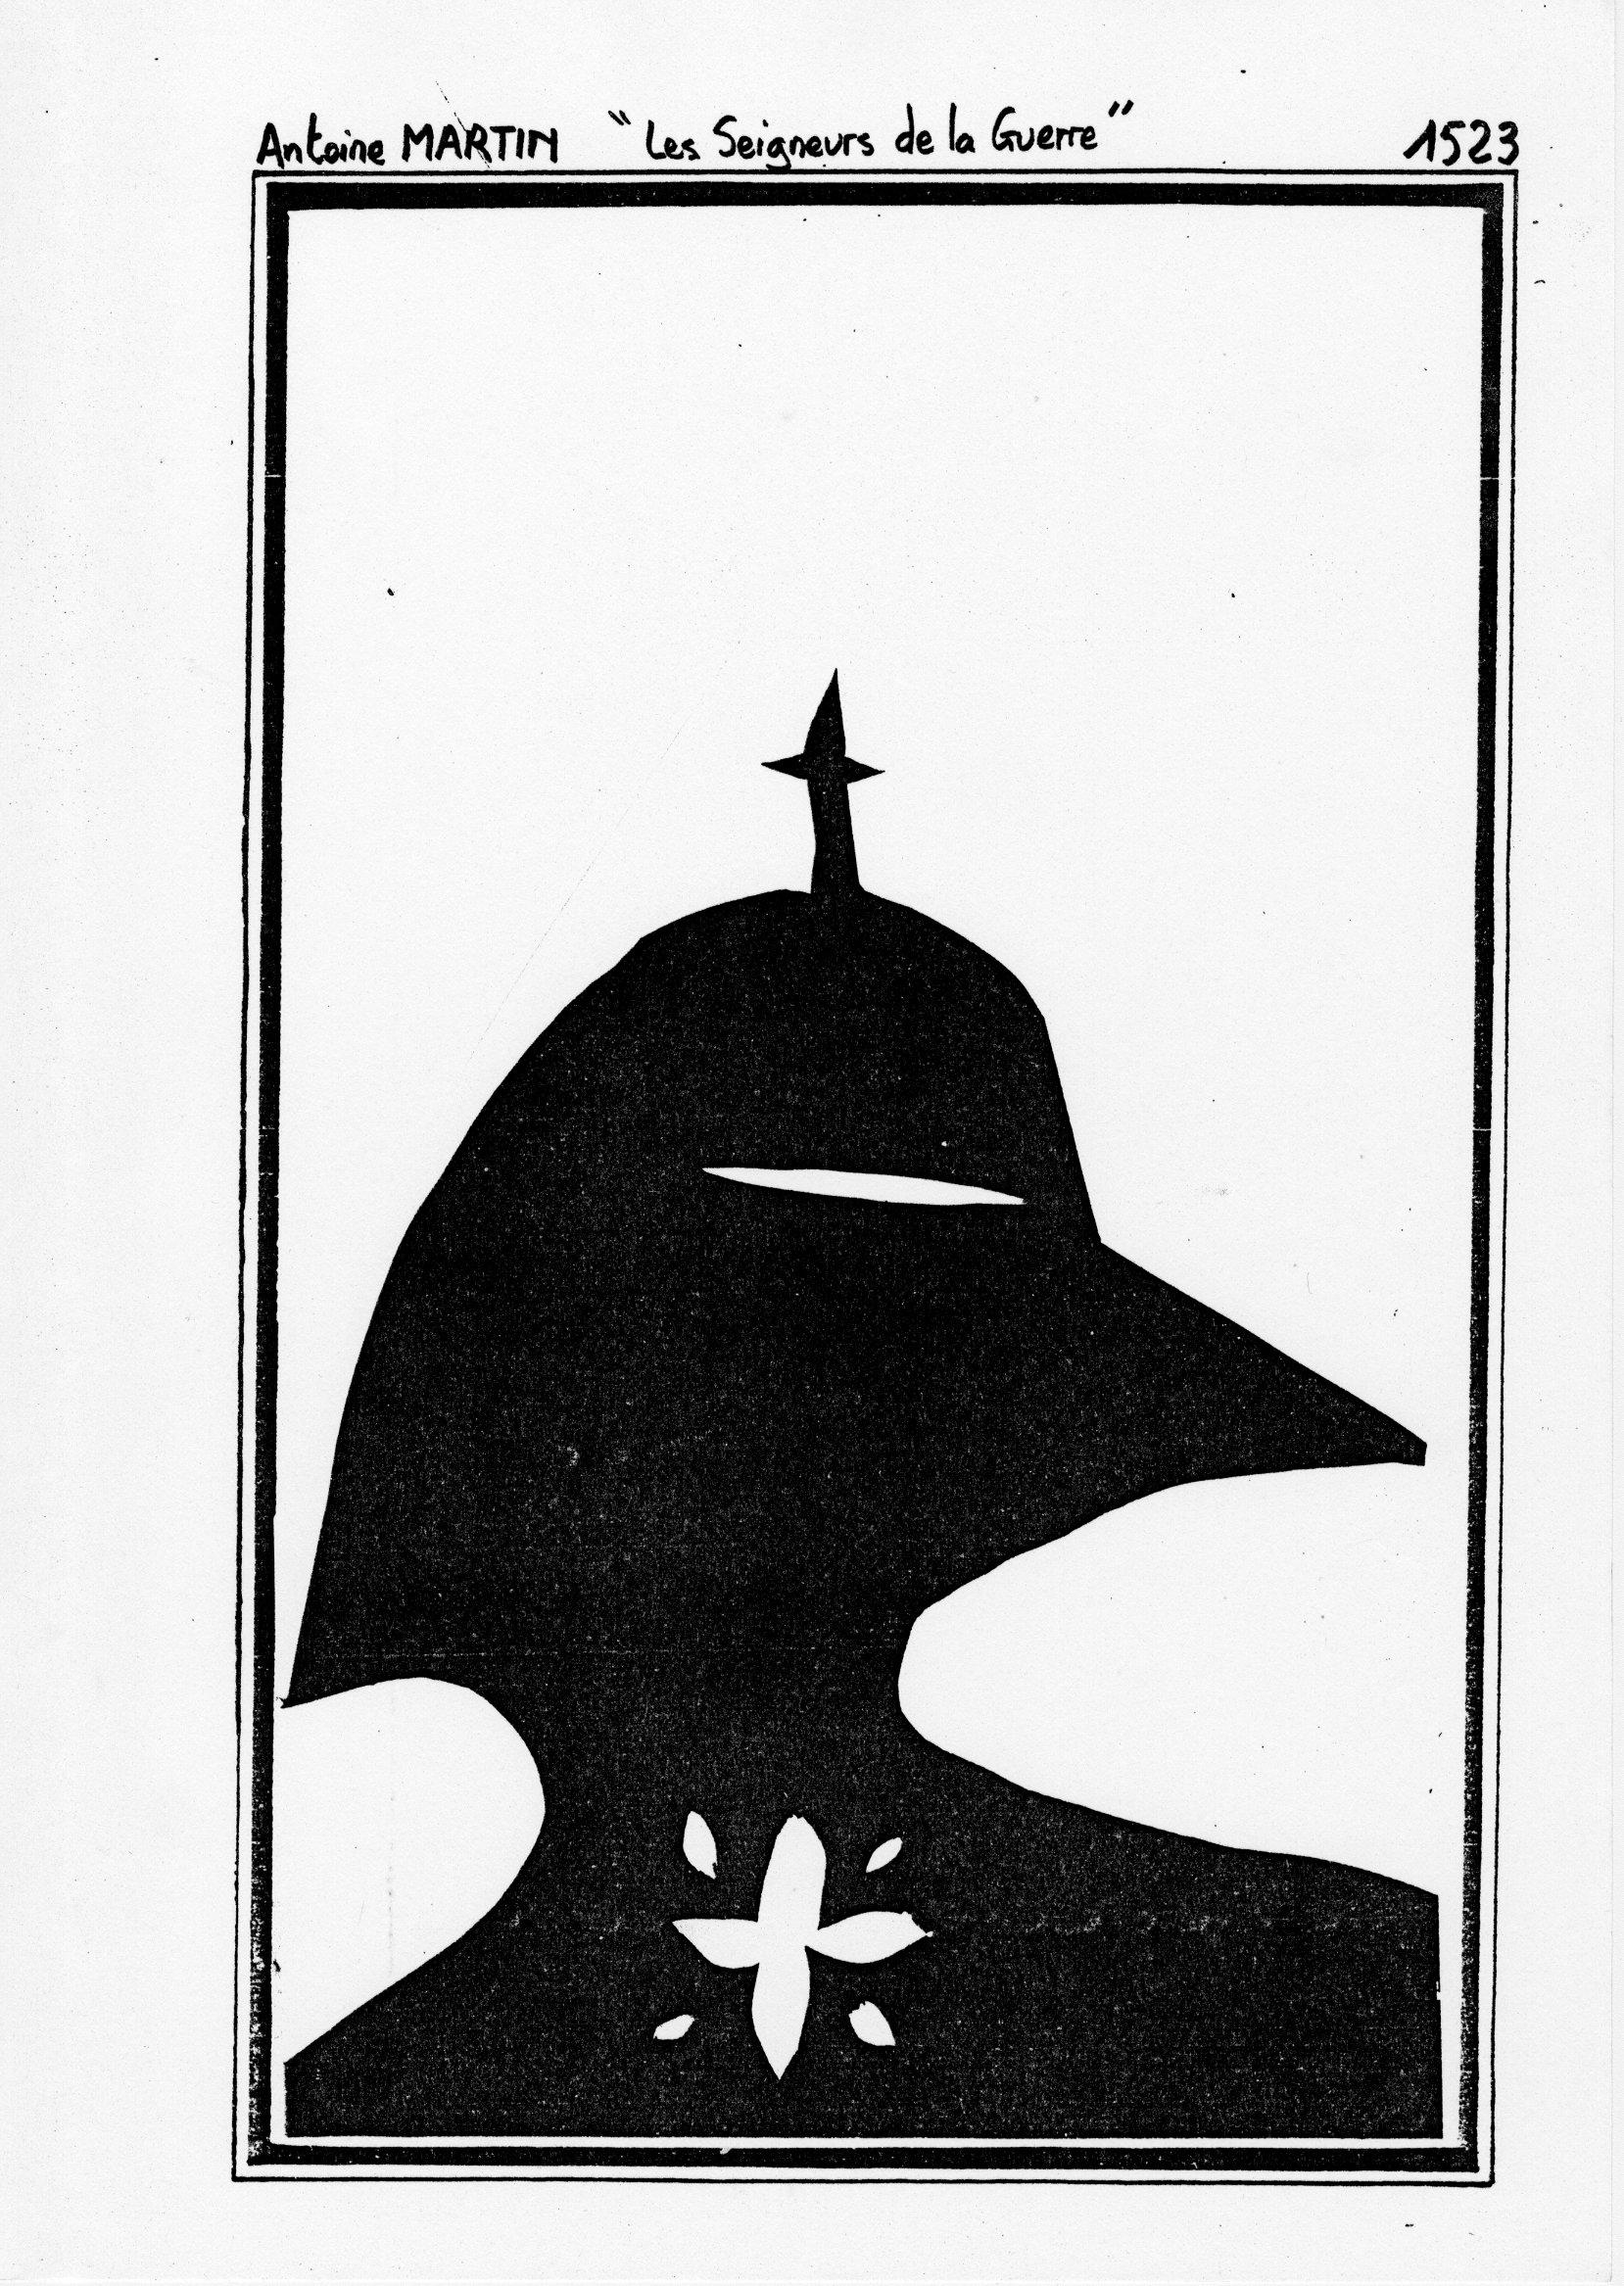 page 1523 A. Martin LES SEIGNEURS DE LA GUERRE